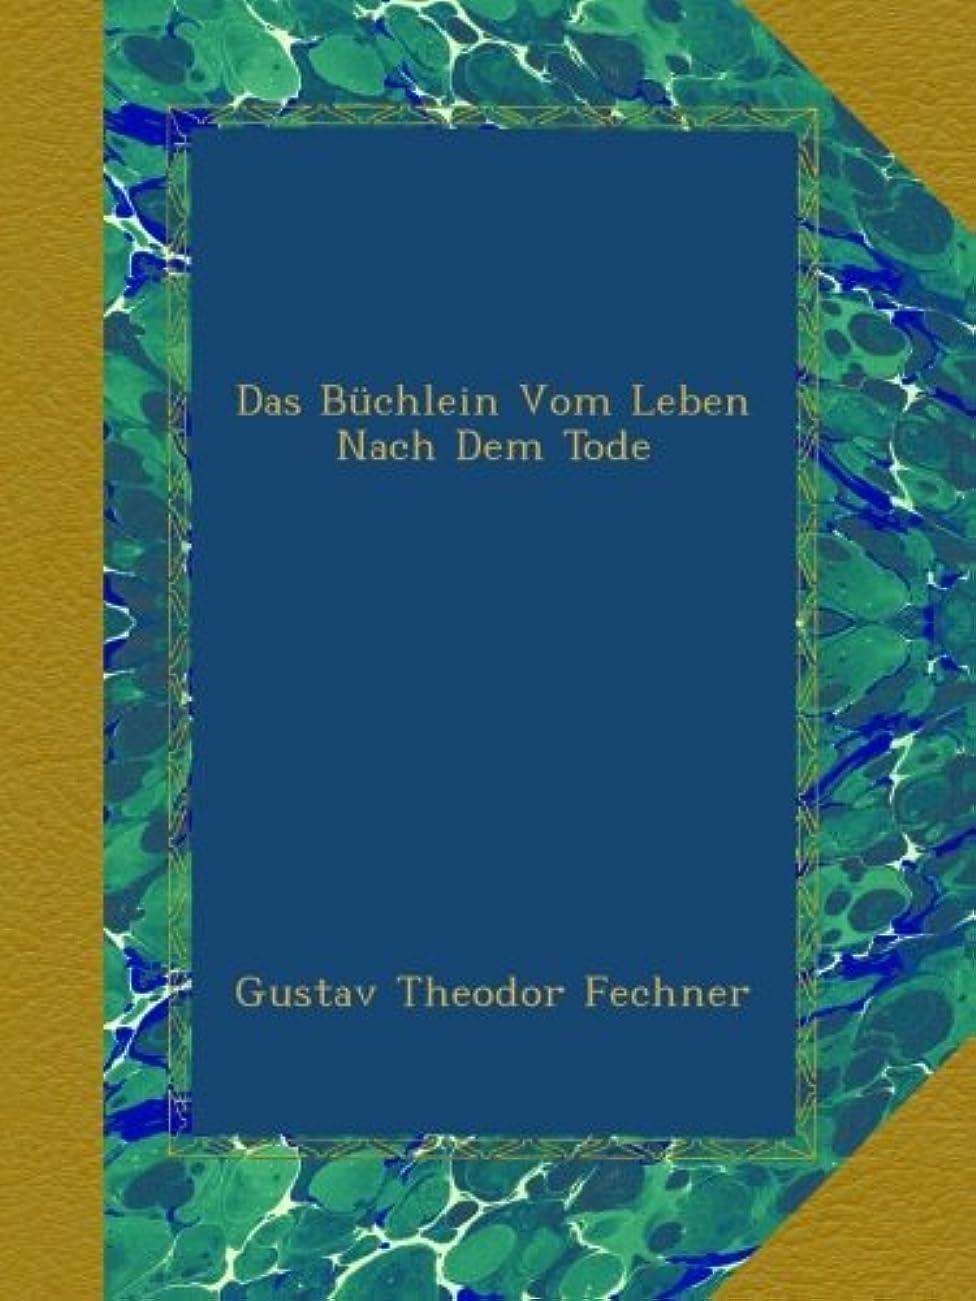 椅子結核写真撮影Das Buechlein Vom Leben Nach Dem Tode